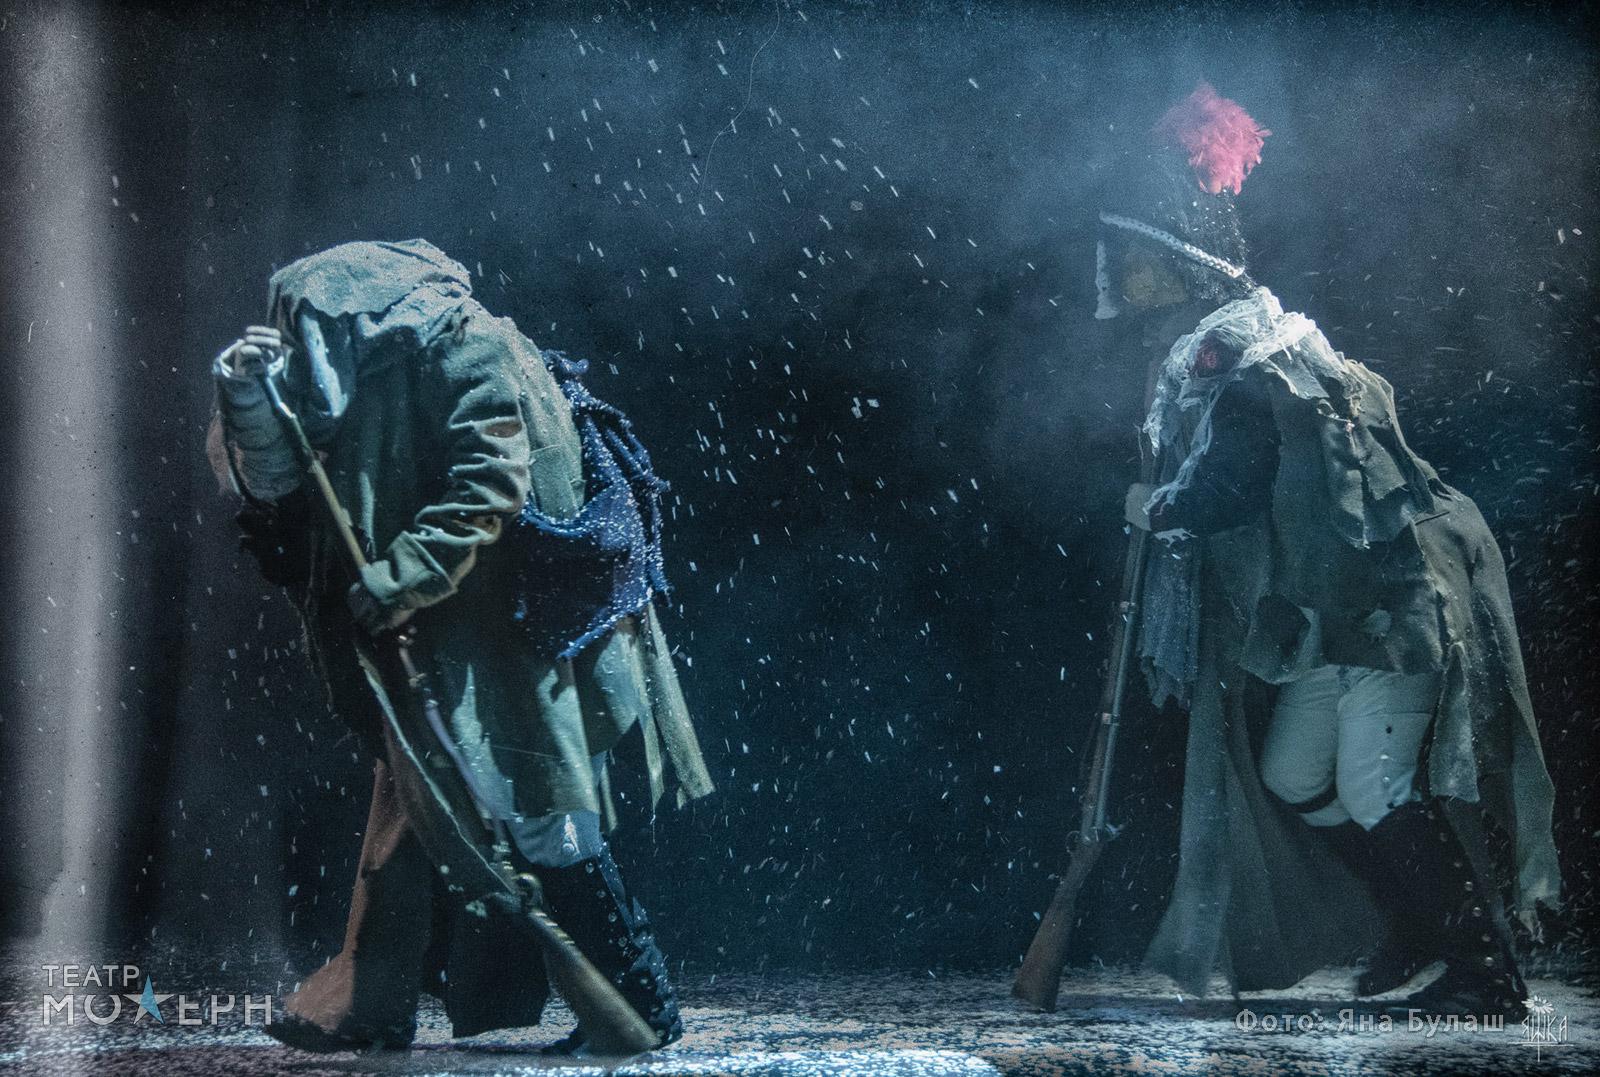 Рецензия на спектакль «Война и мир». Не краткий пересказ от театра «Модерн»